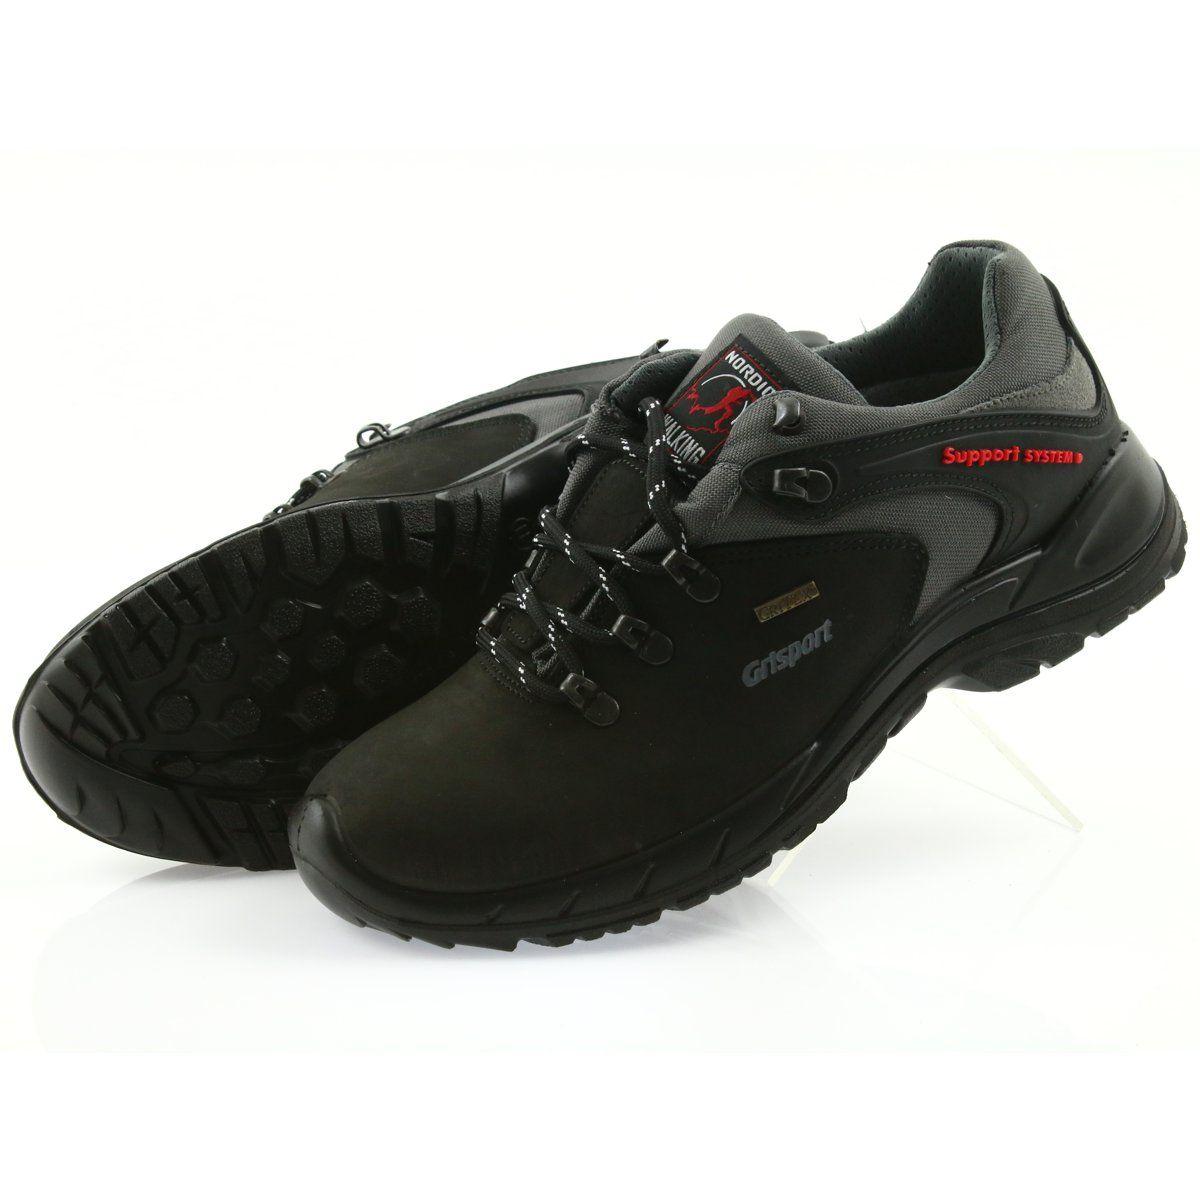 Sprandi Grisport Nordic Walking Czarne Z Membrana Nordic Walking Hiking Boots Timberland Boots